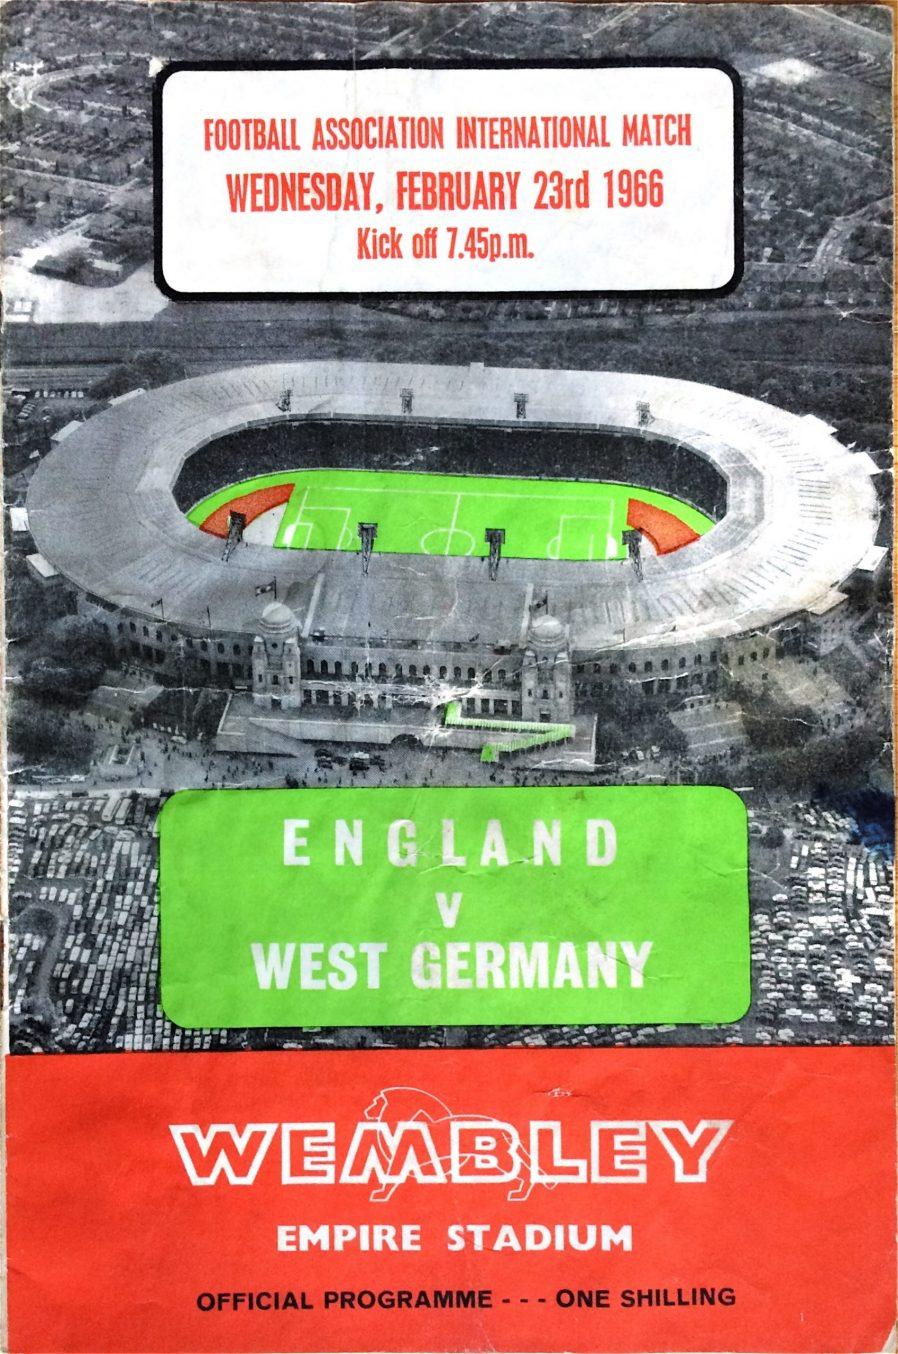 England v West Germany, match programme